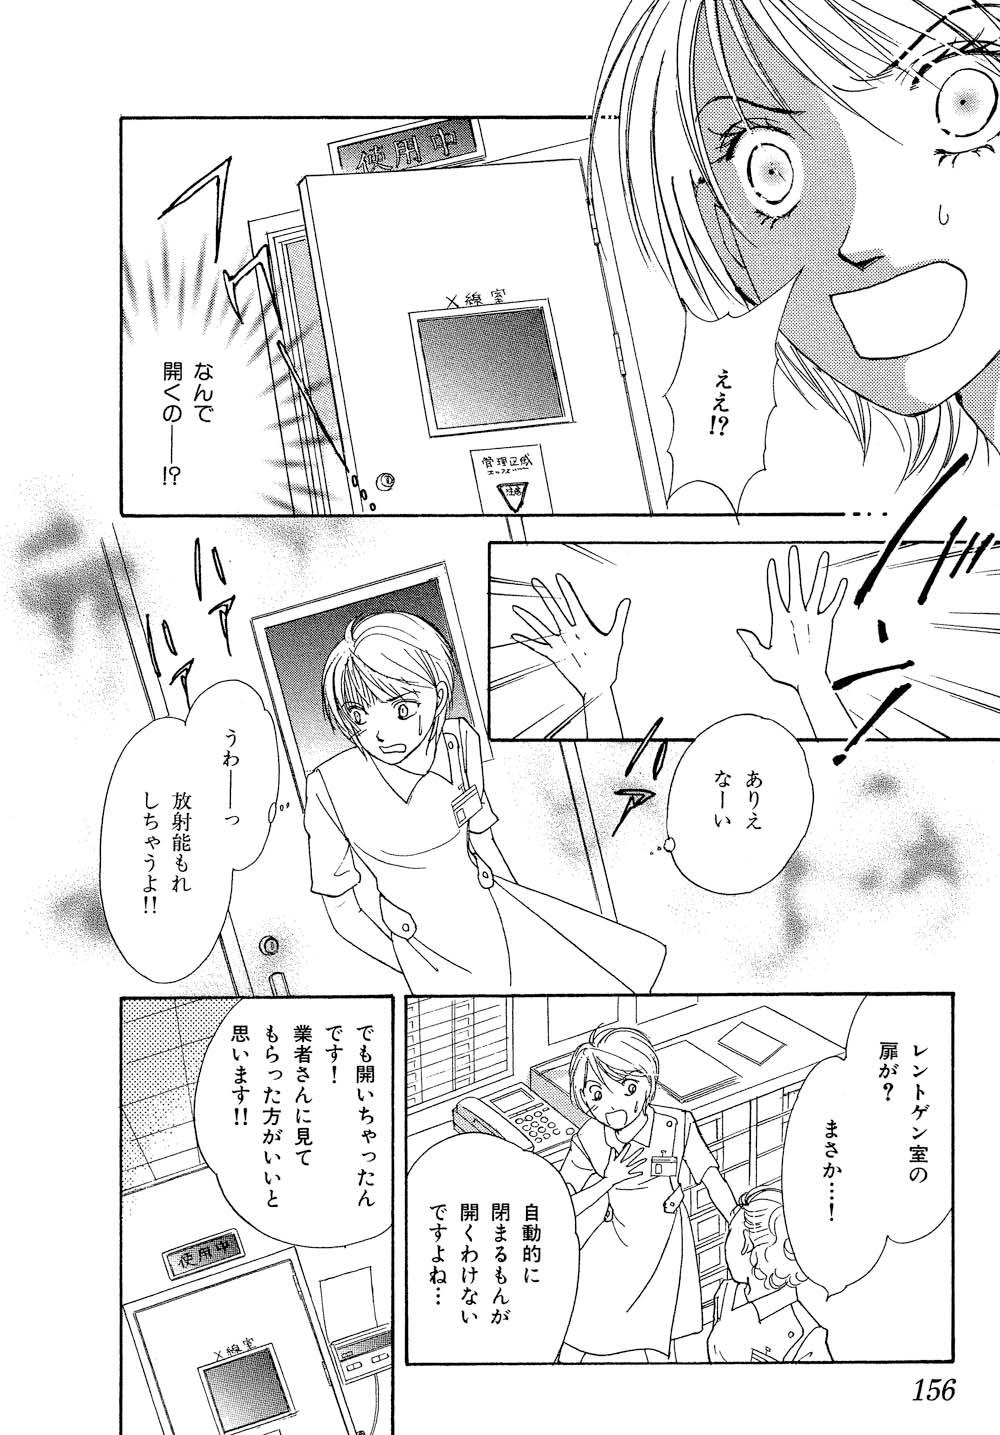 hakui_0001_0156.jpg